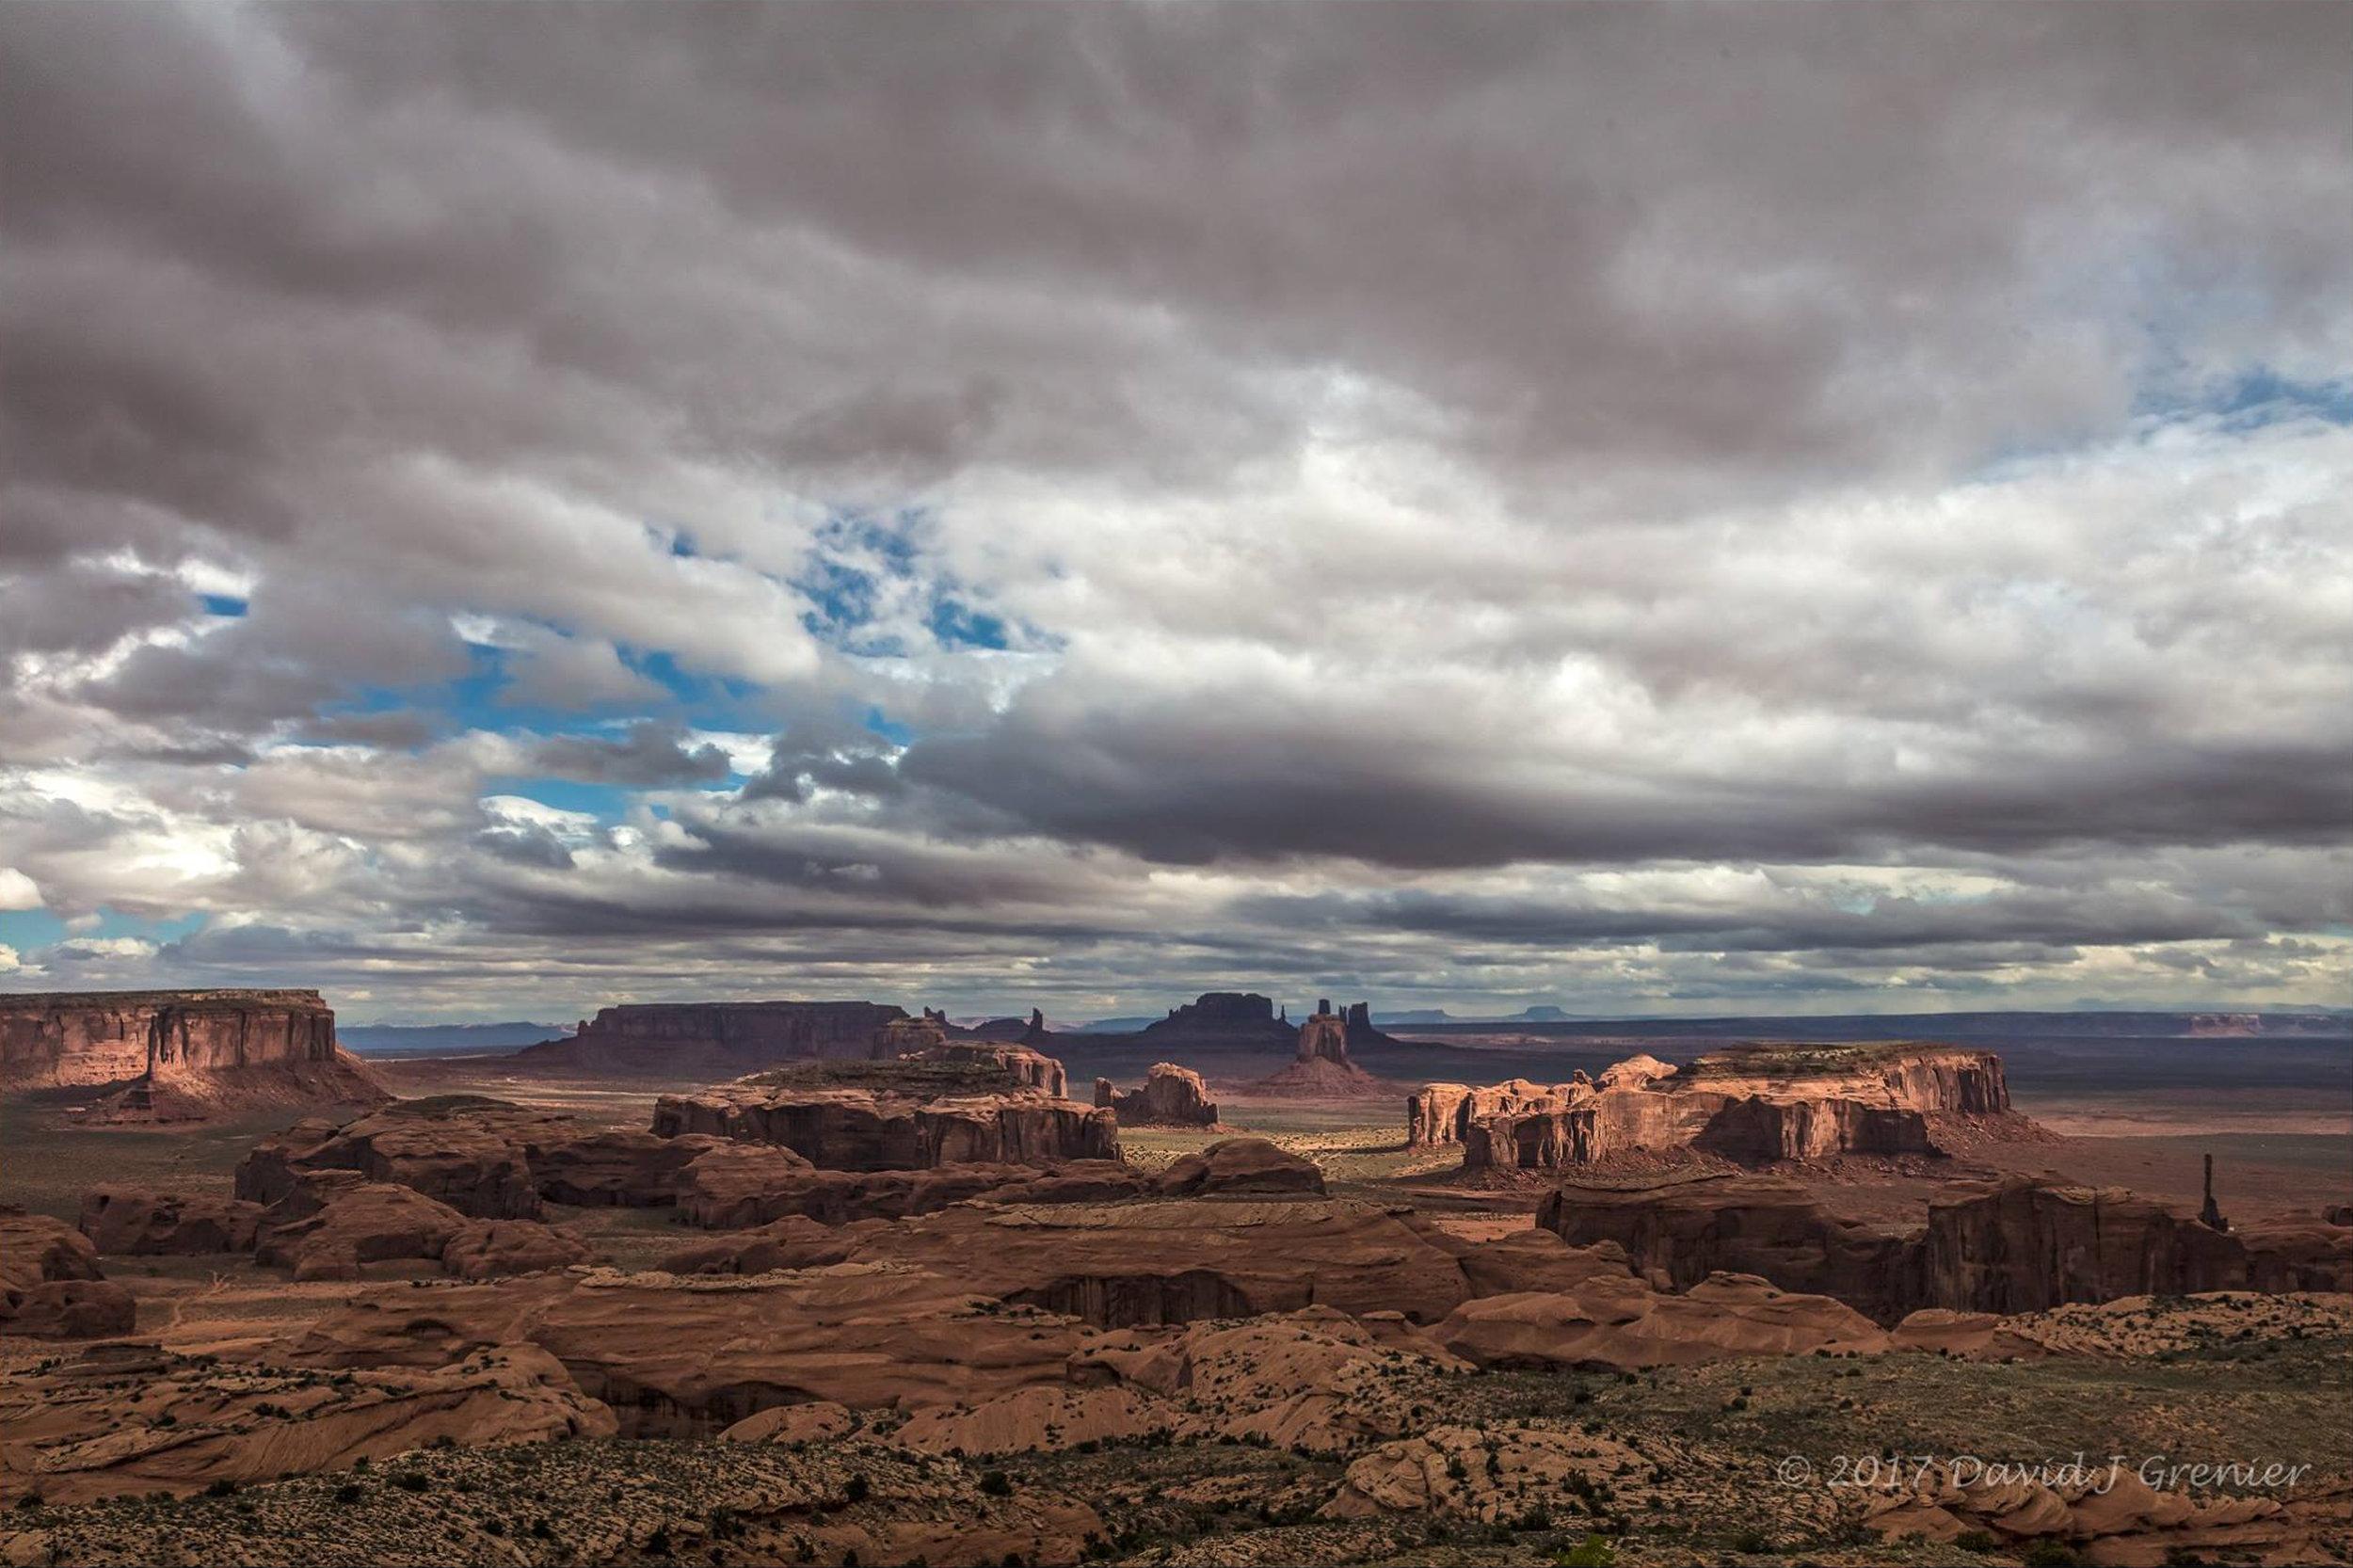 April 29, 2017, Hunts Mesa, Monument Valley, AZ; exp. 1/80 sec @ f/16; 24-105mm lens @ 35mm; ISO 400